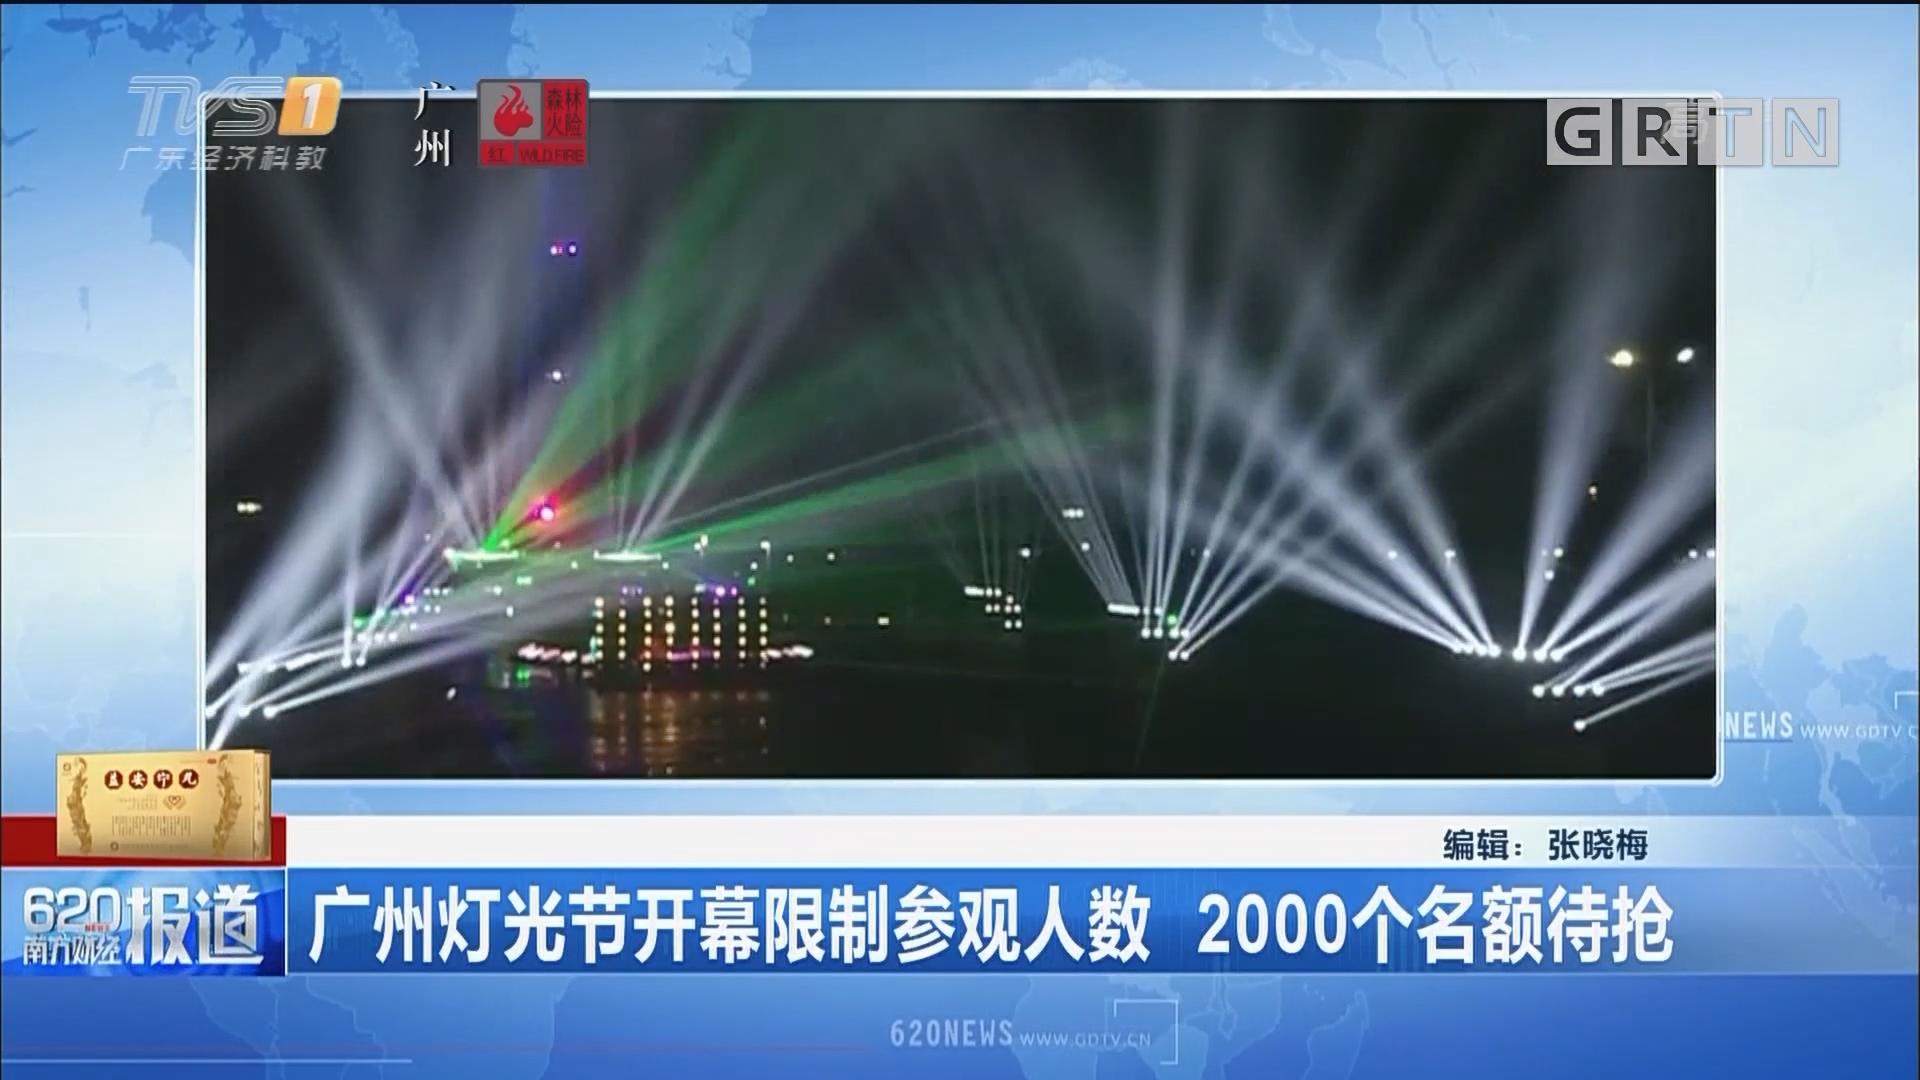 广州灯光节开幕限制参观人数 2000个名额待抢